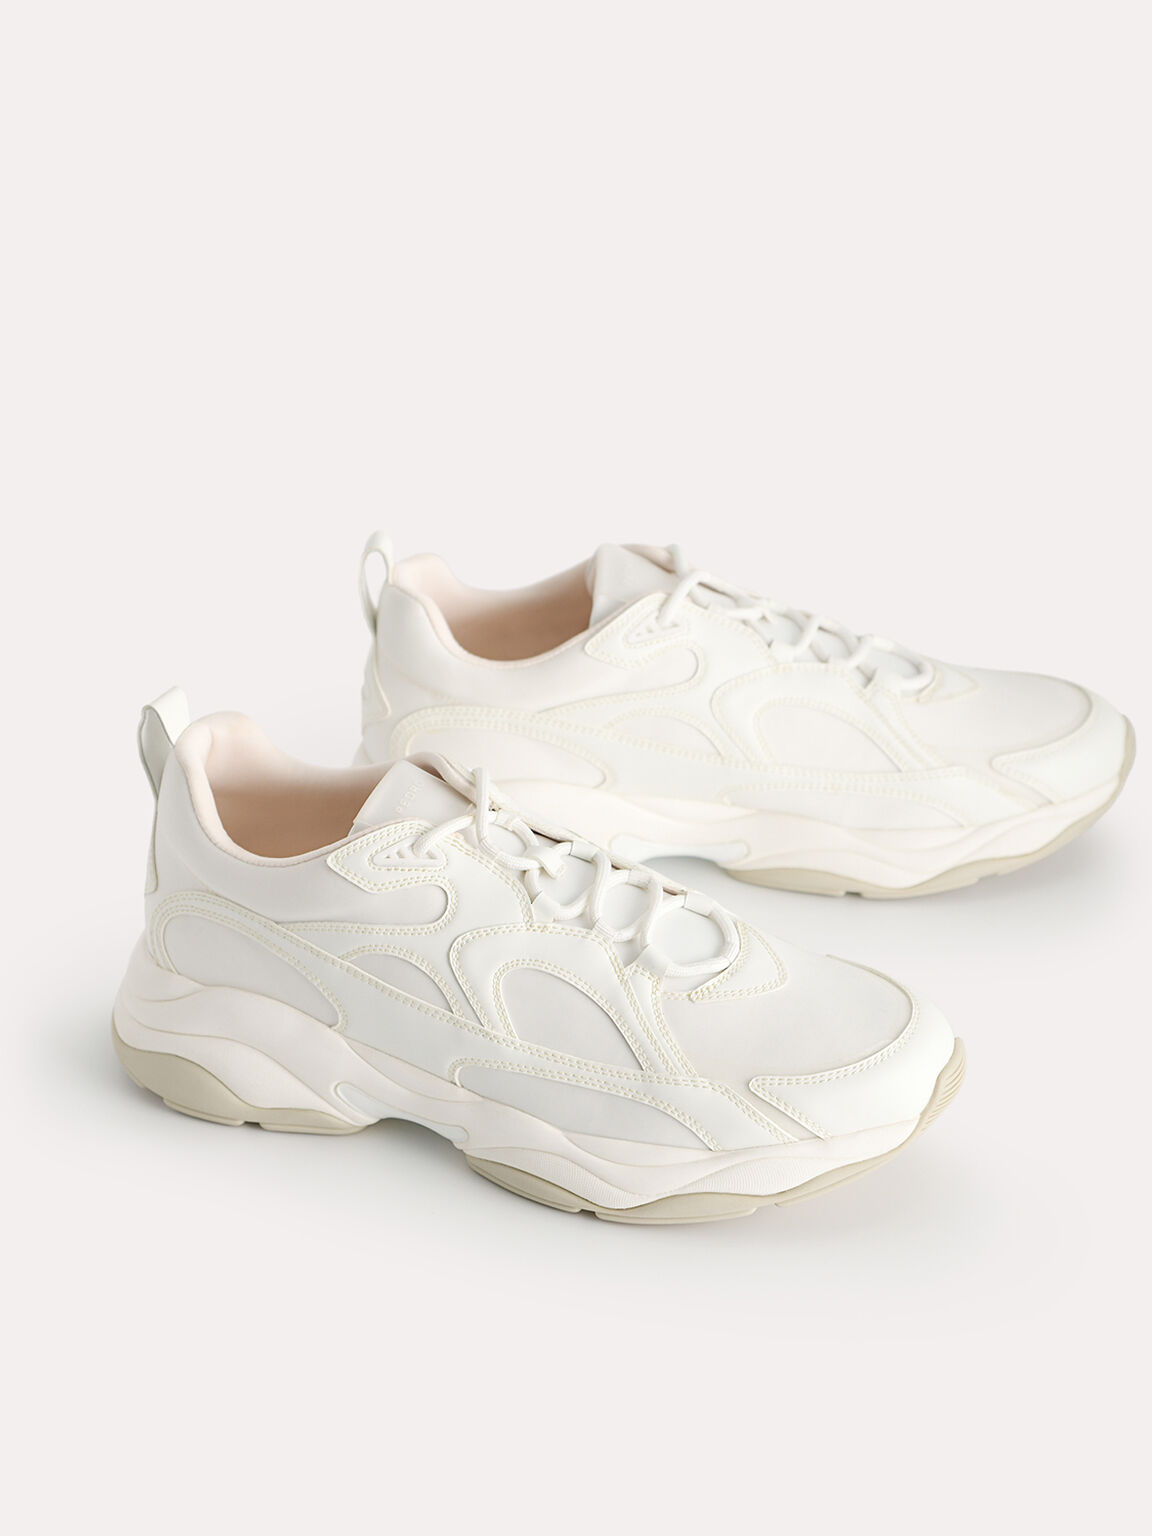 Magma Sneakers, White, hi-res